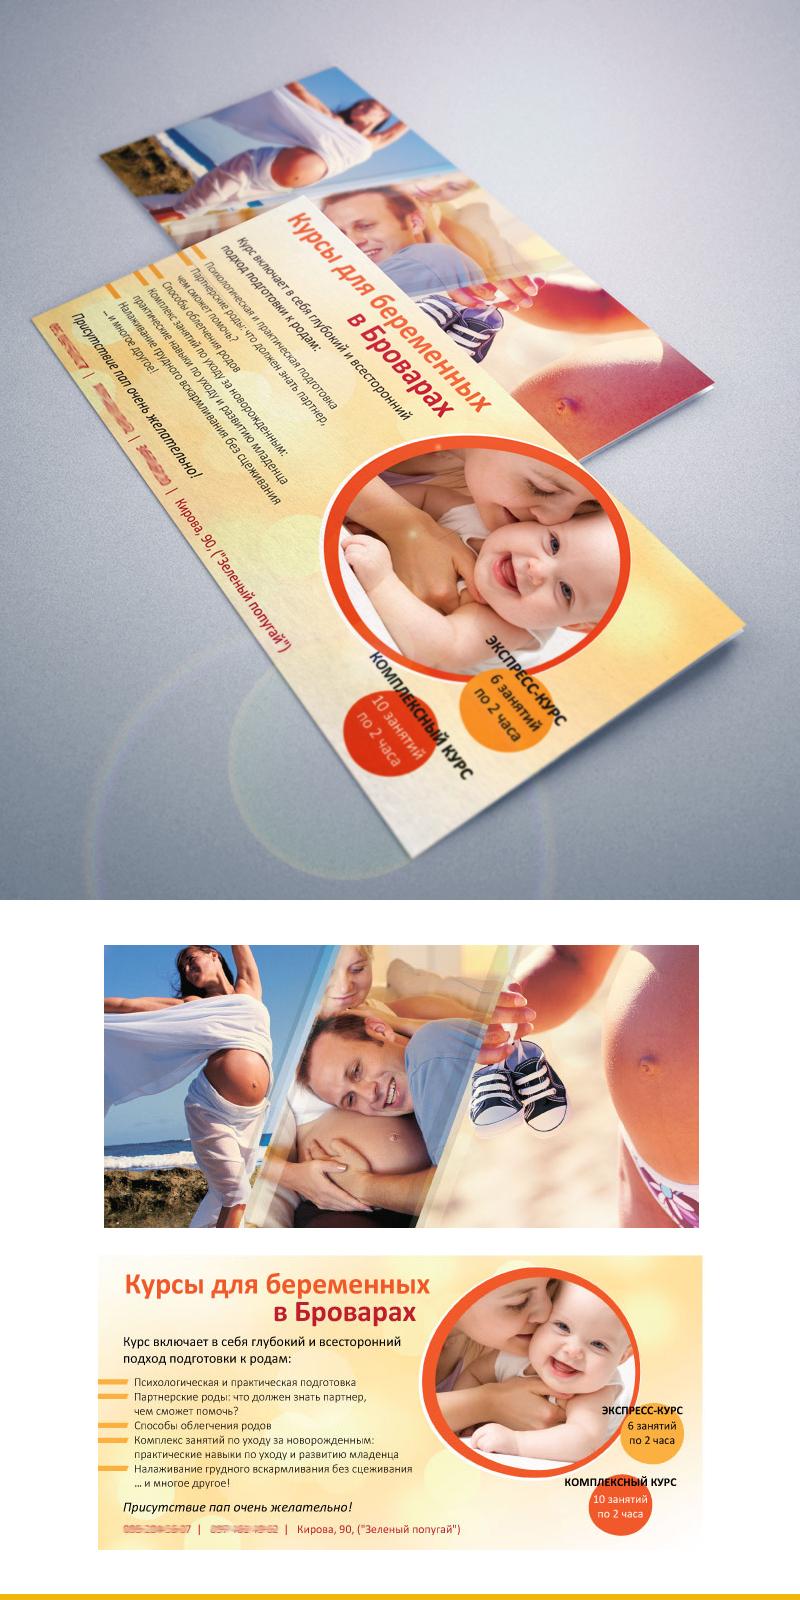 Тверь курсы для беременных 74